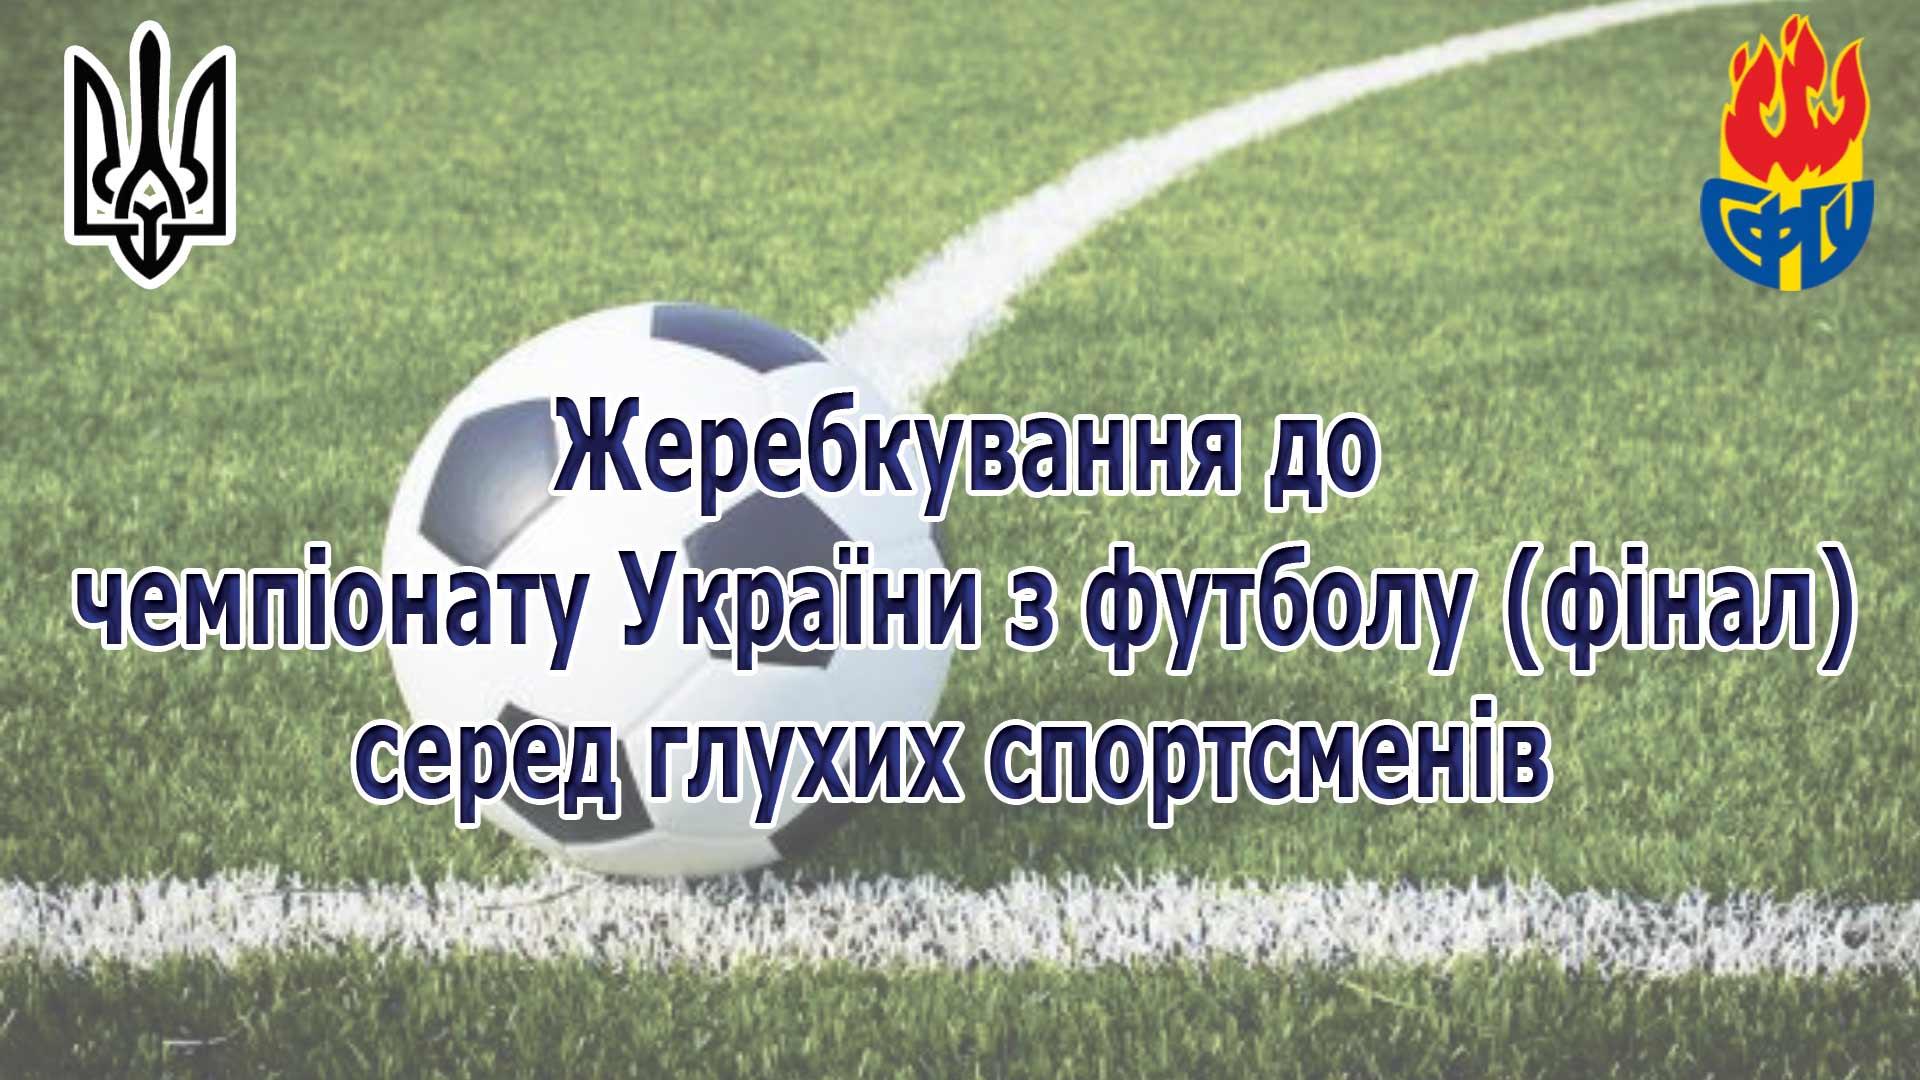 Жеребкування до чемпіонату України 2021 з футболу (фінал) серед глухих спортсменів